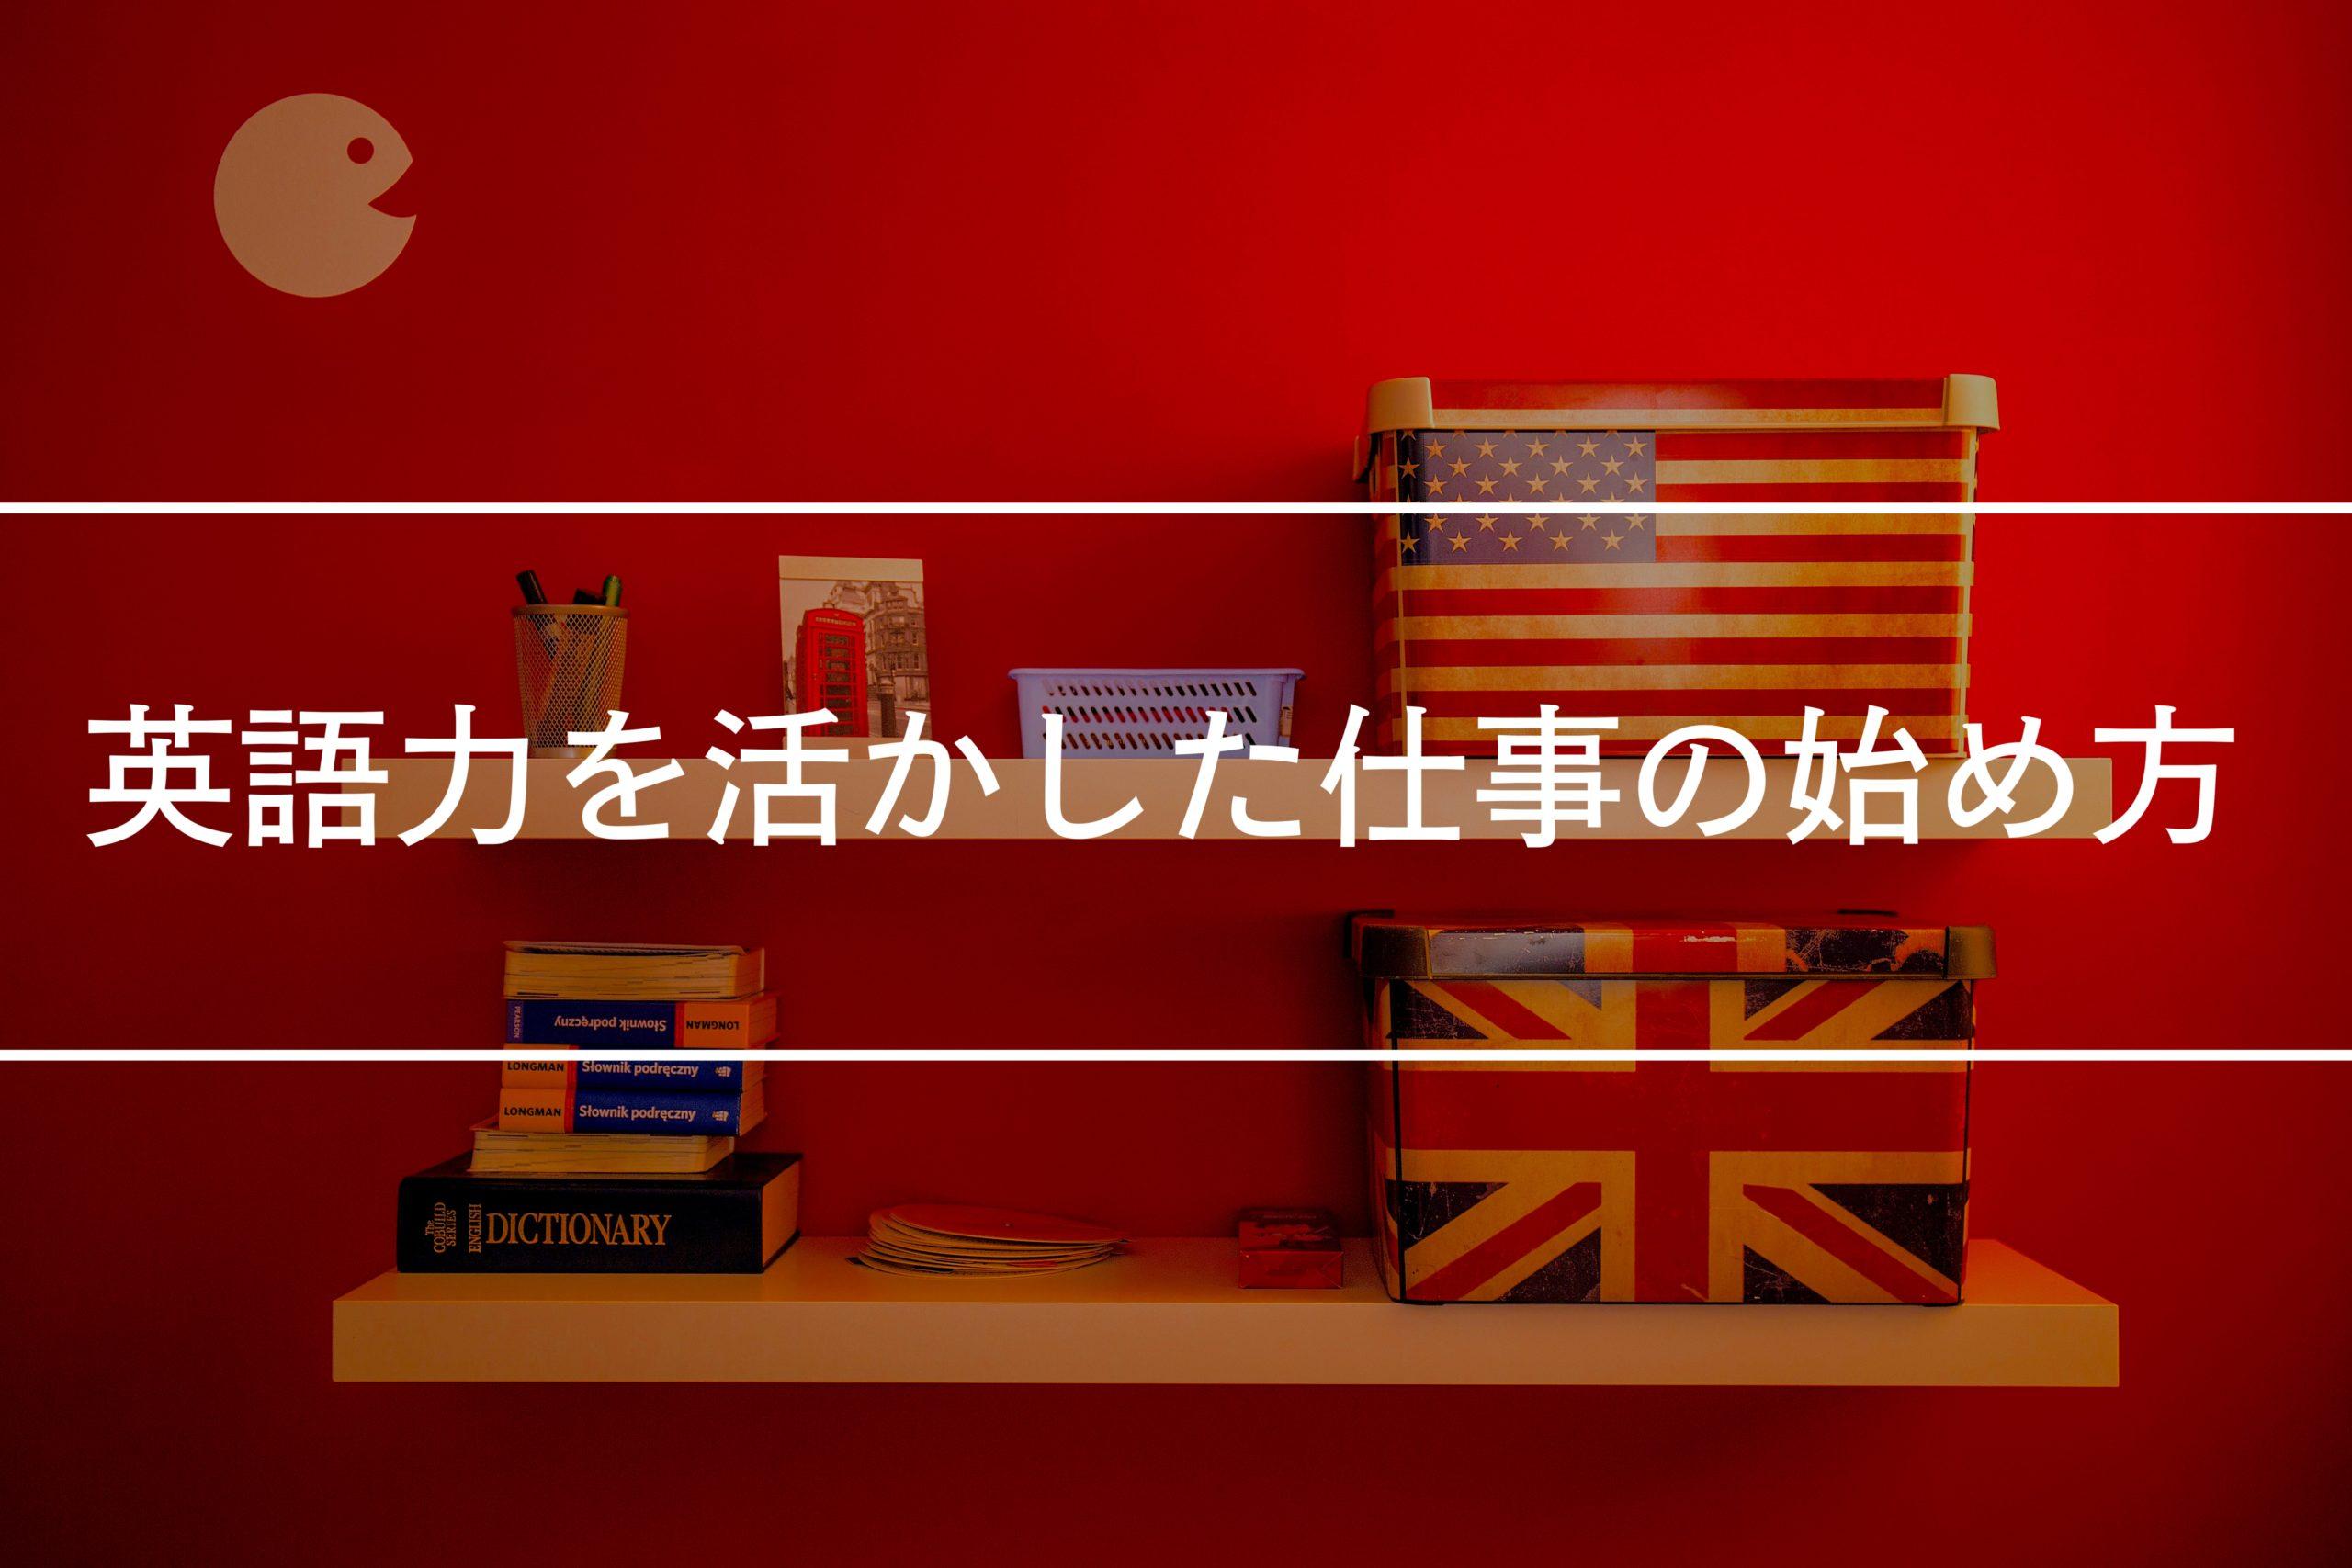 【主に翻訳】英語力を活かした副業で稼ぐ|基礎知識と始め方を解説します